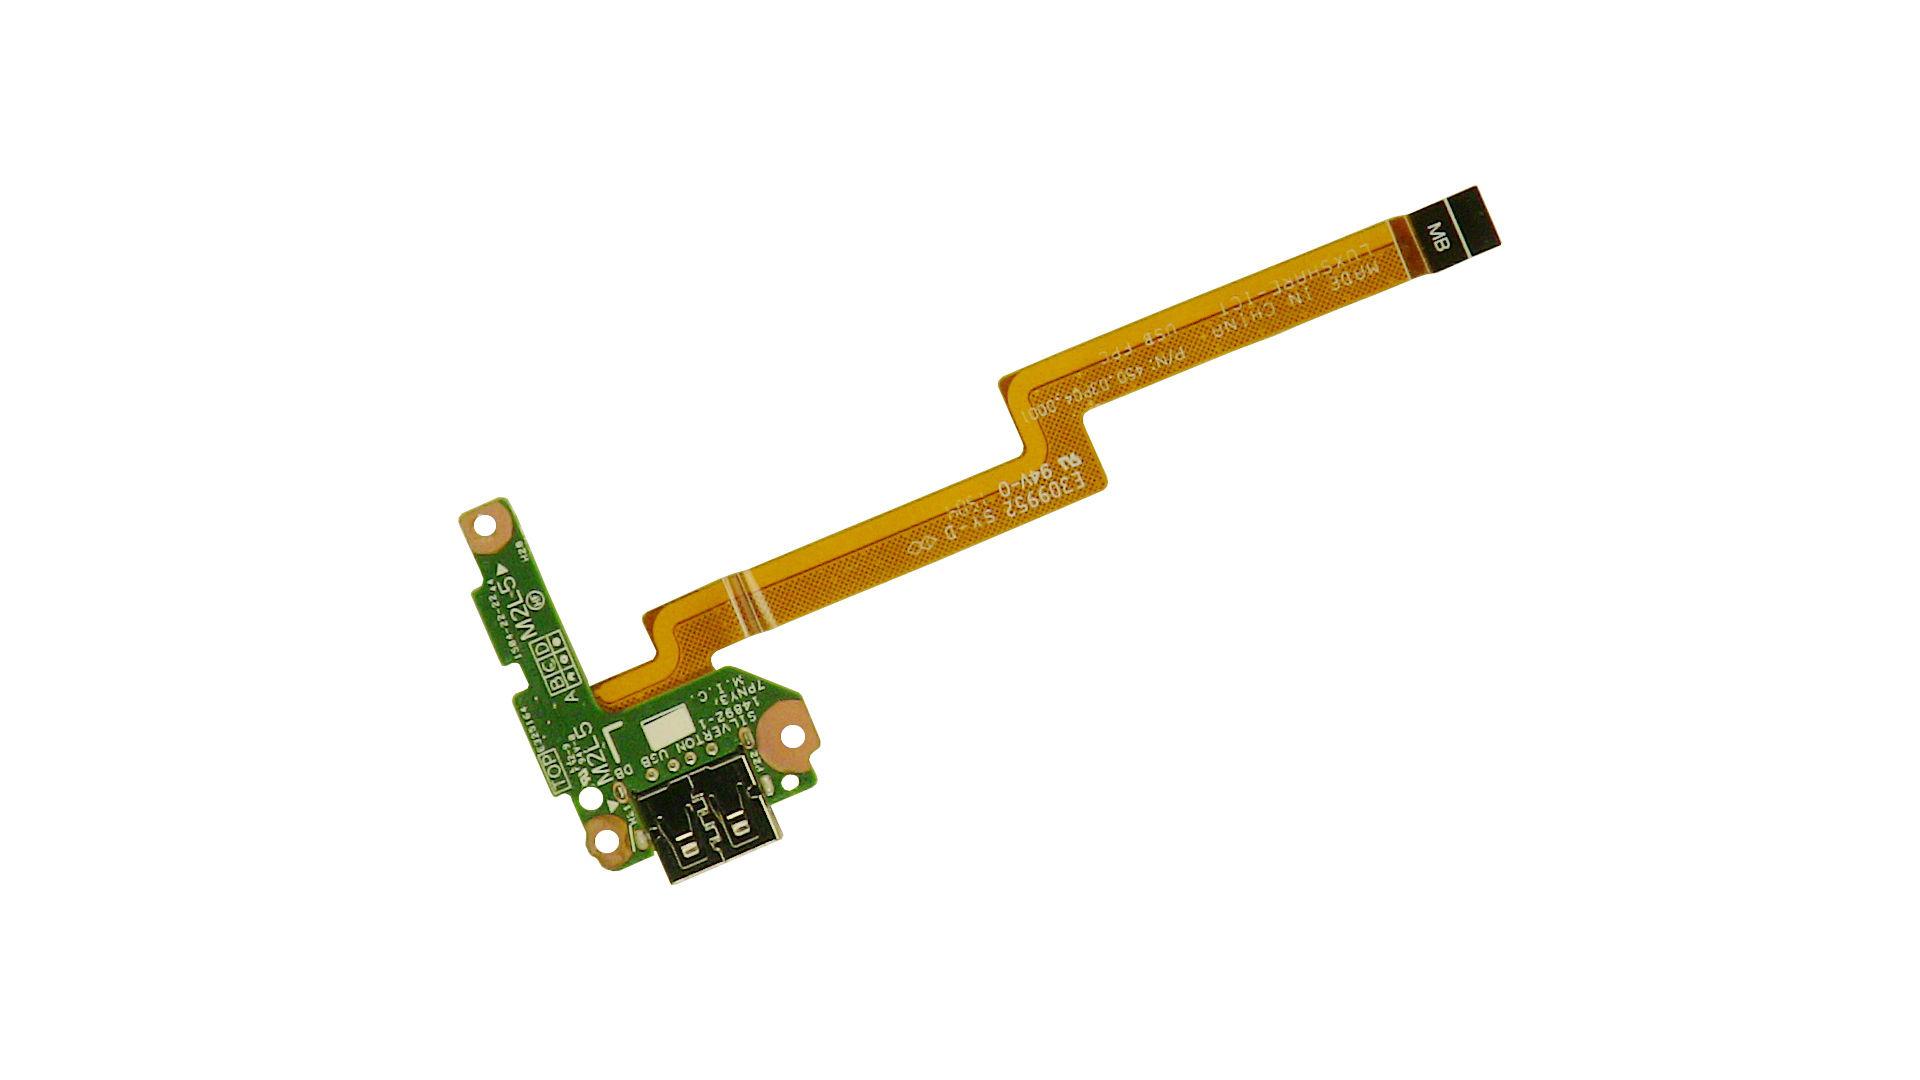 Venue 10 Pro (5055) USB Circuit Board